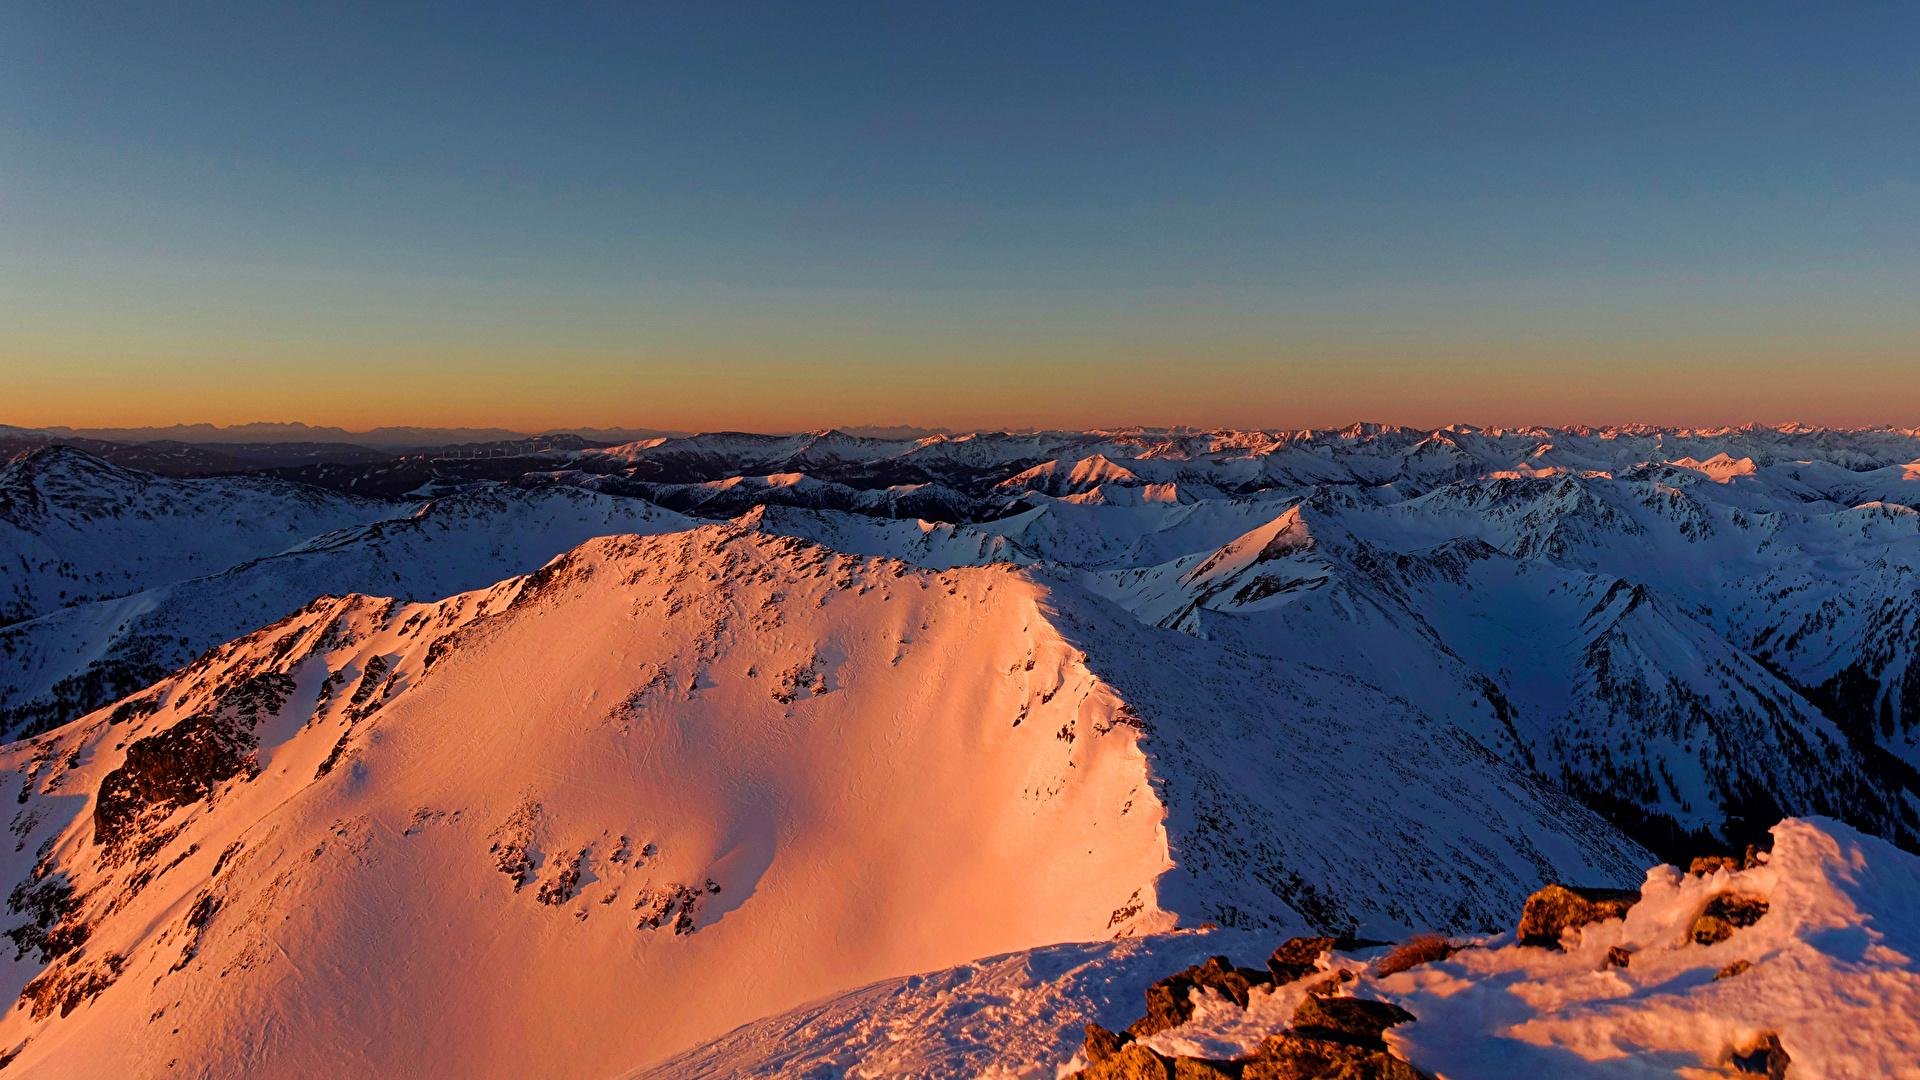 Картинки альп Австрия Styria гора Зима Природа снега 1920x1080 Альпы Горы зимние Снег снеге снегу